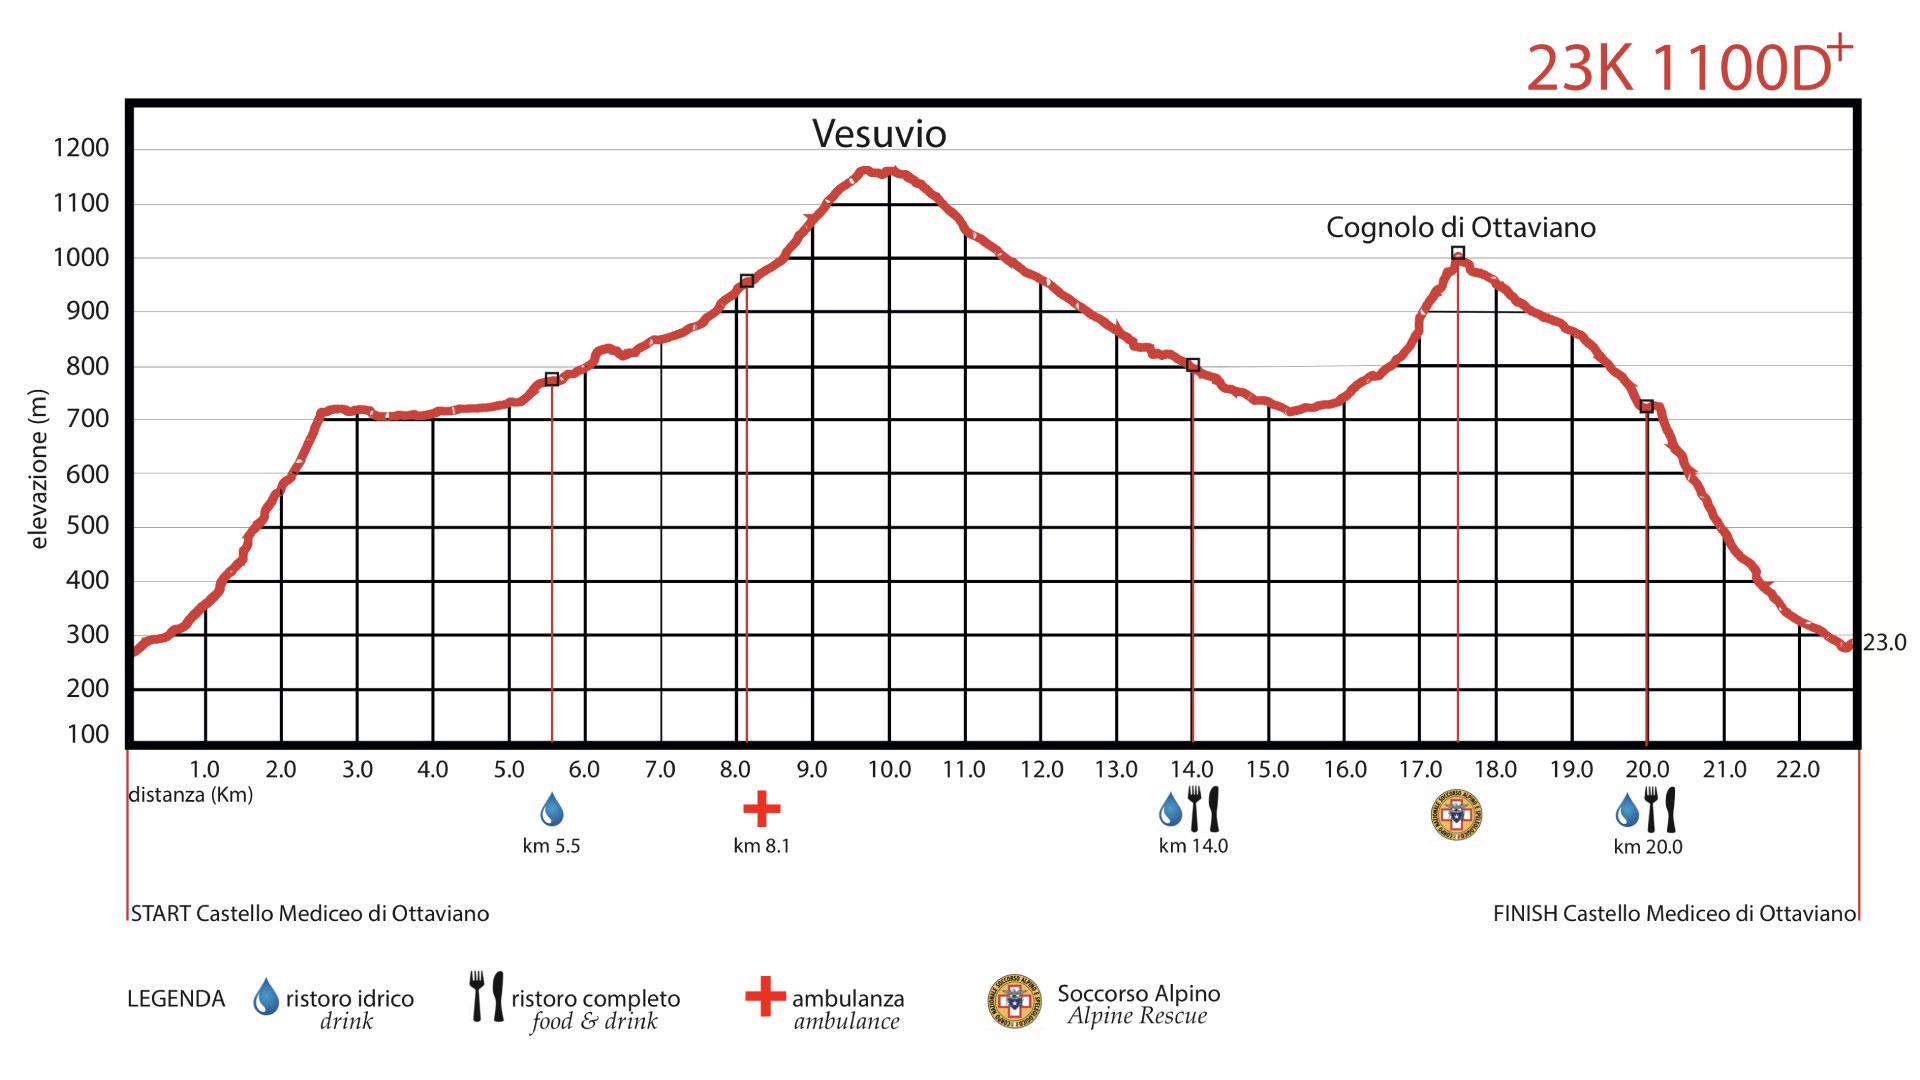 Gara Trail del Vesuvio 23 Km | Vesuvio Ultra Marathon